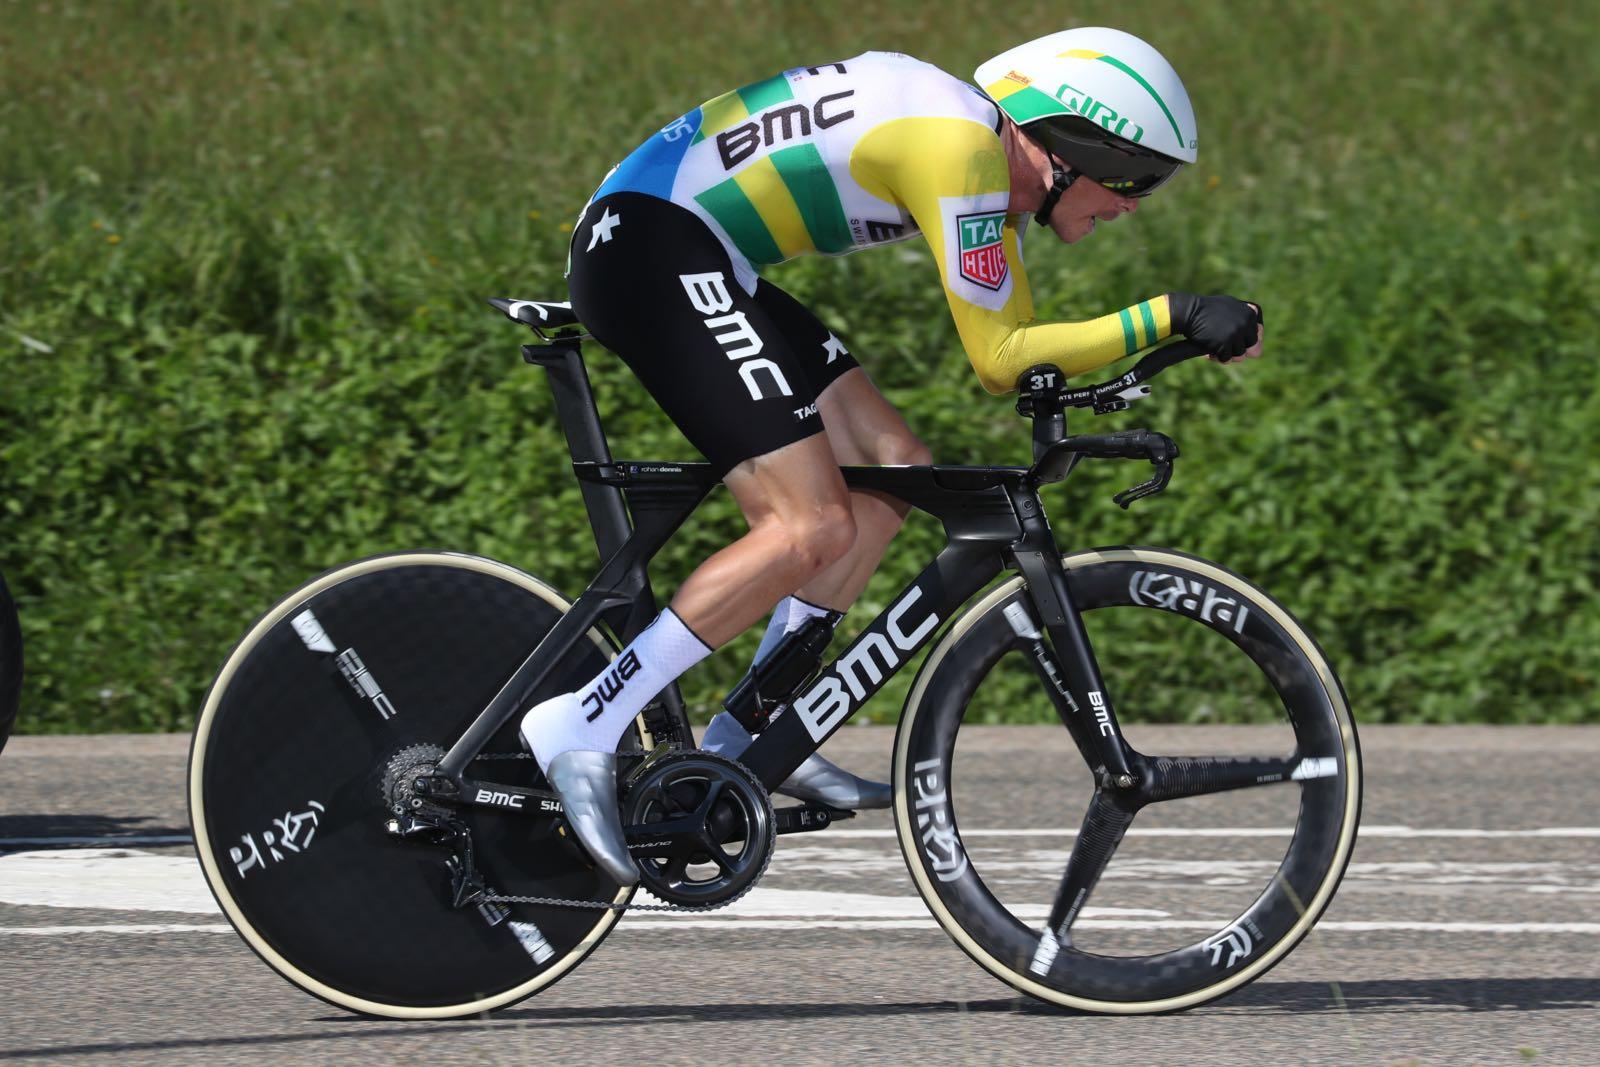 Rohan Dennis vince la sedicesima tappa a cronometro della Vuelta a Espana